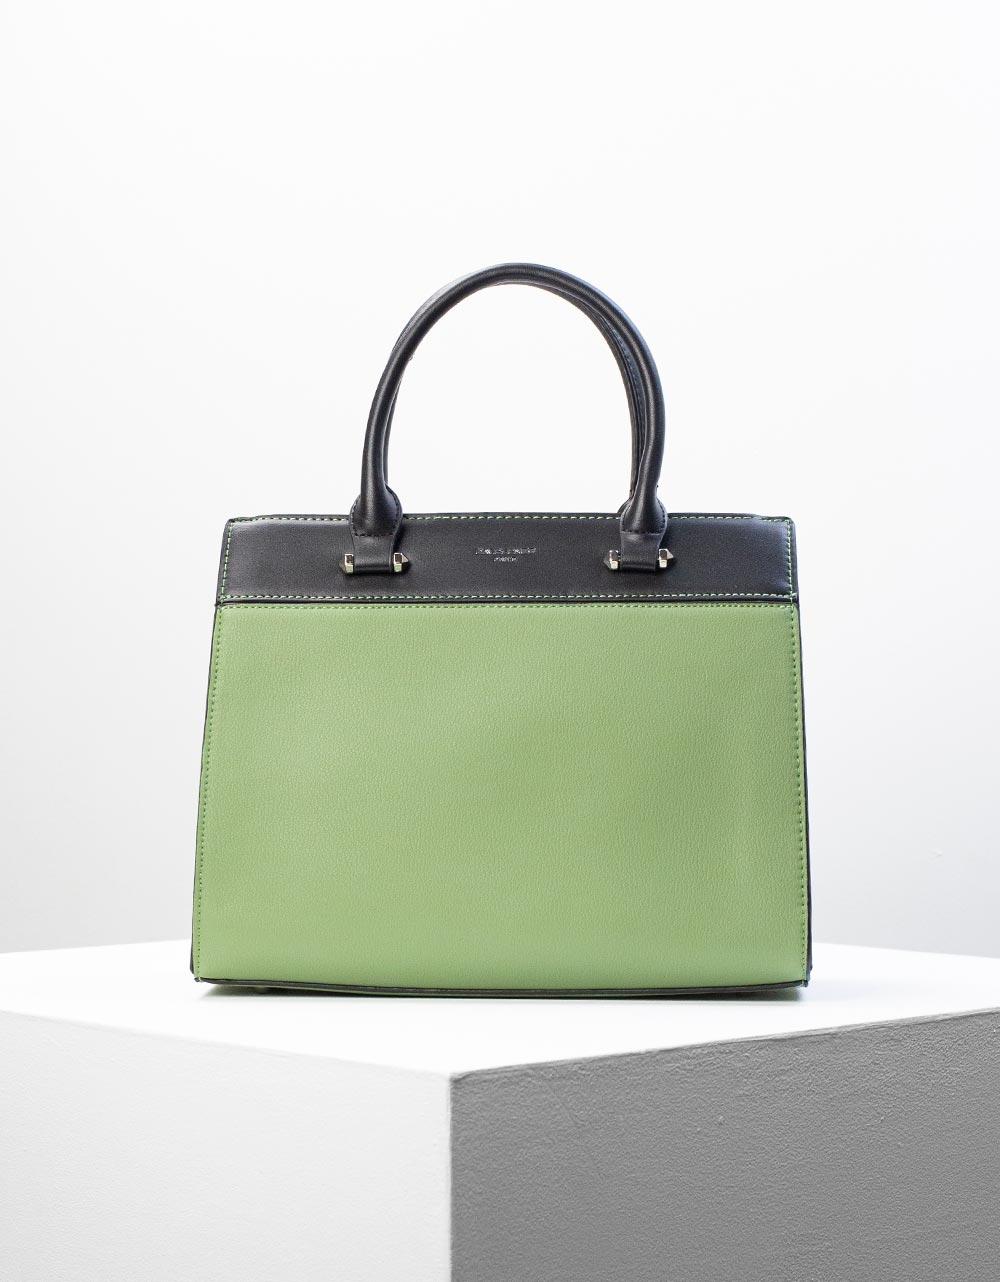 Εικόνα από Γυναικεία τσάντα χειρός με δίχρωμη λεπτομέρεια Πράσινο